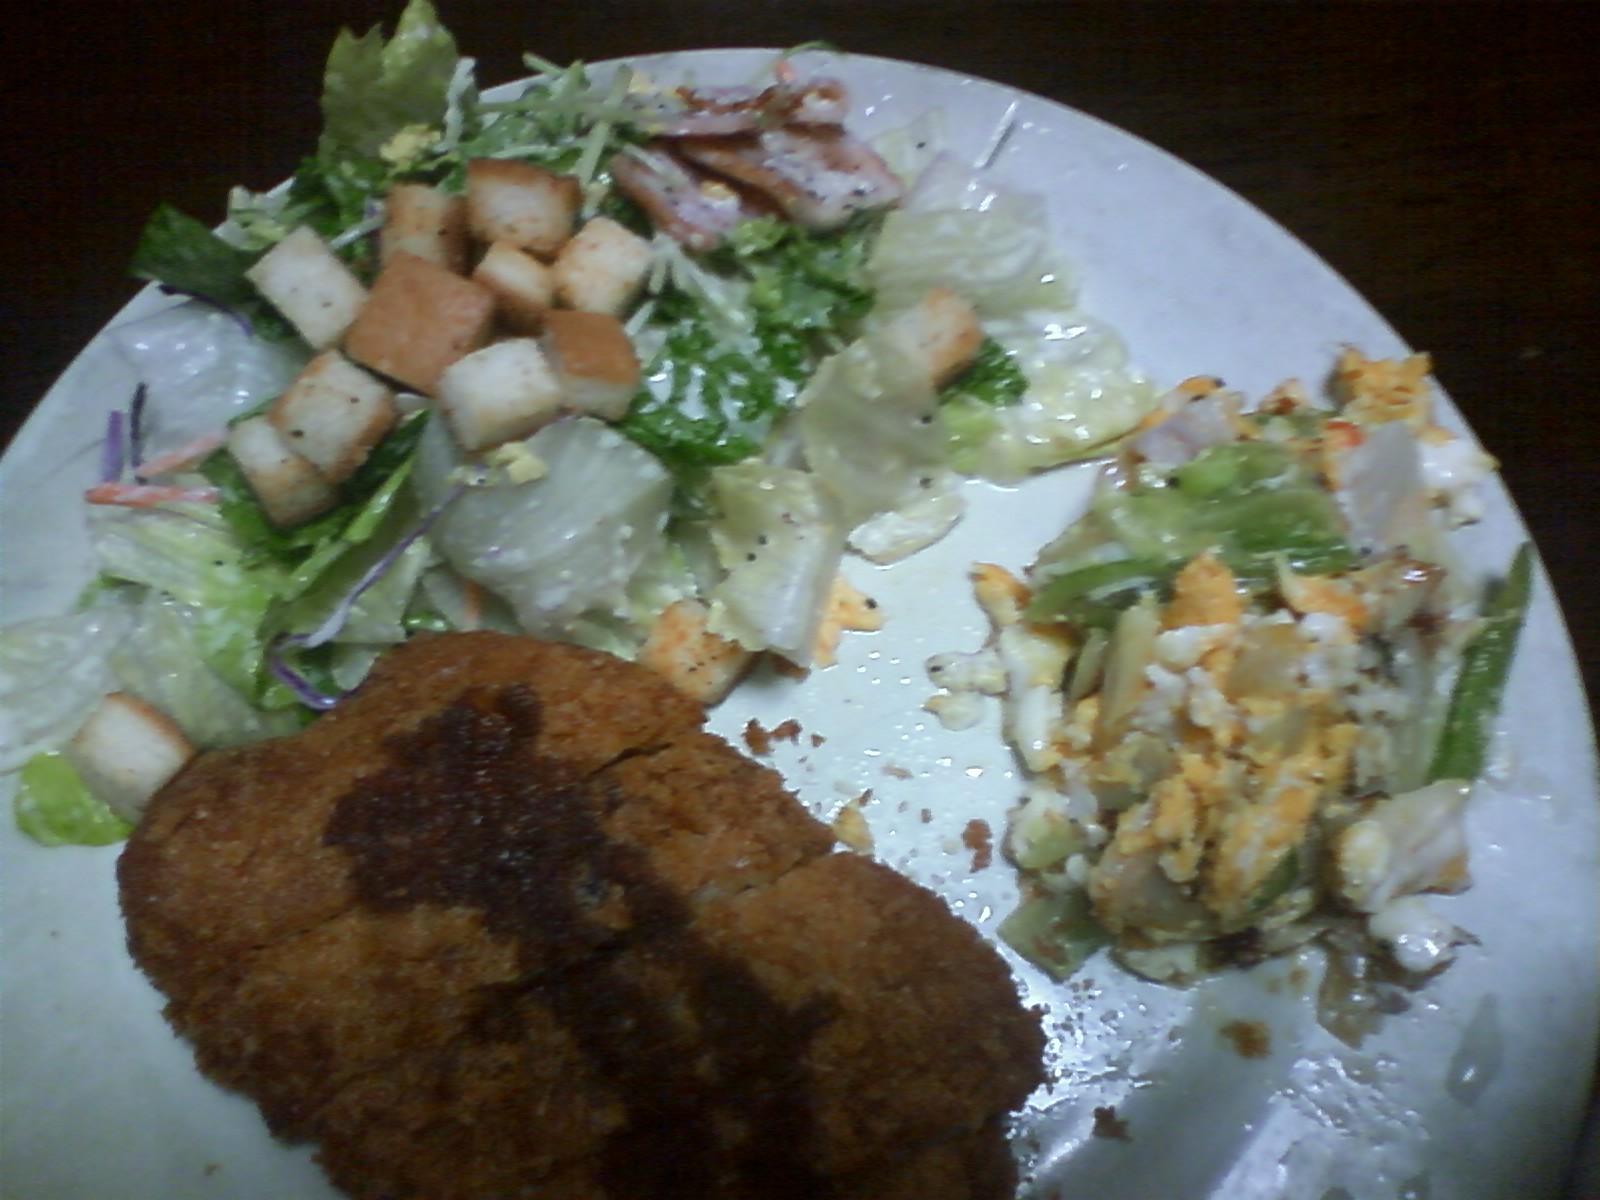 ローストンカツ、シーザーサラダ、あと適当につくった卵と野菜の炒め物